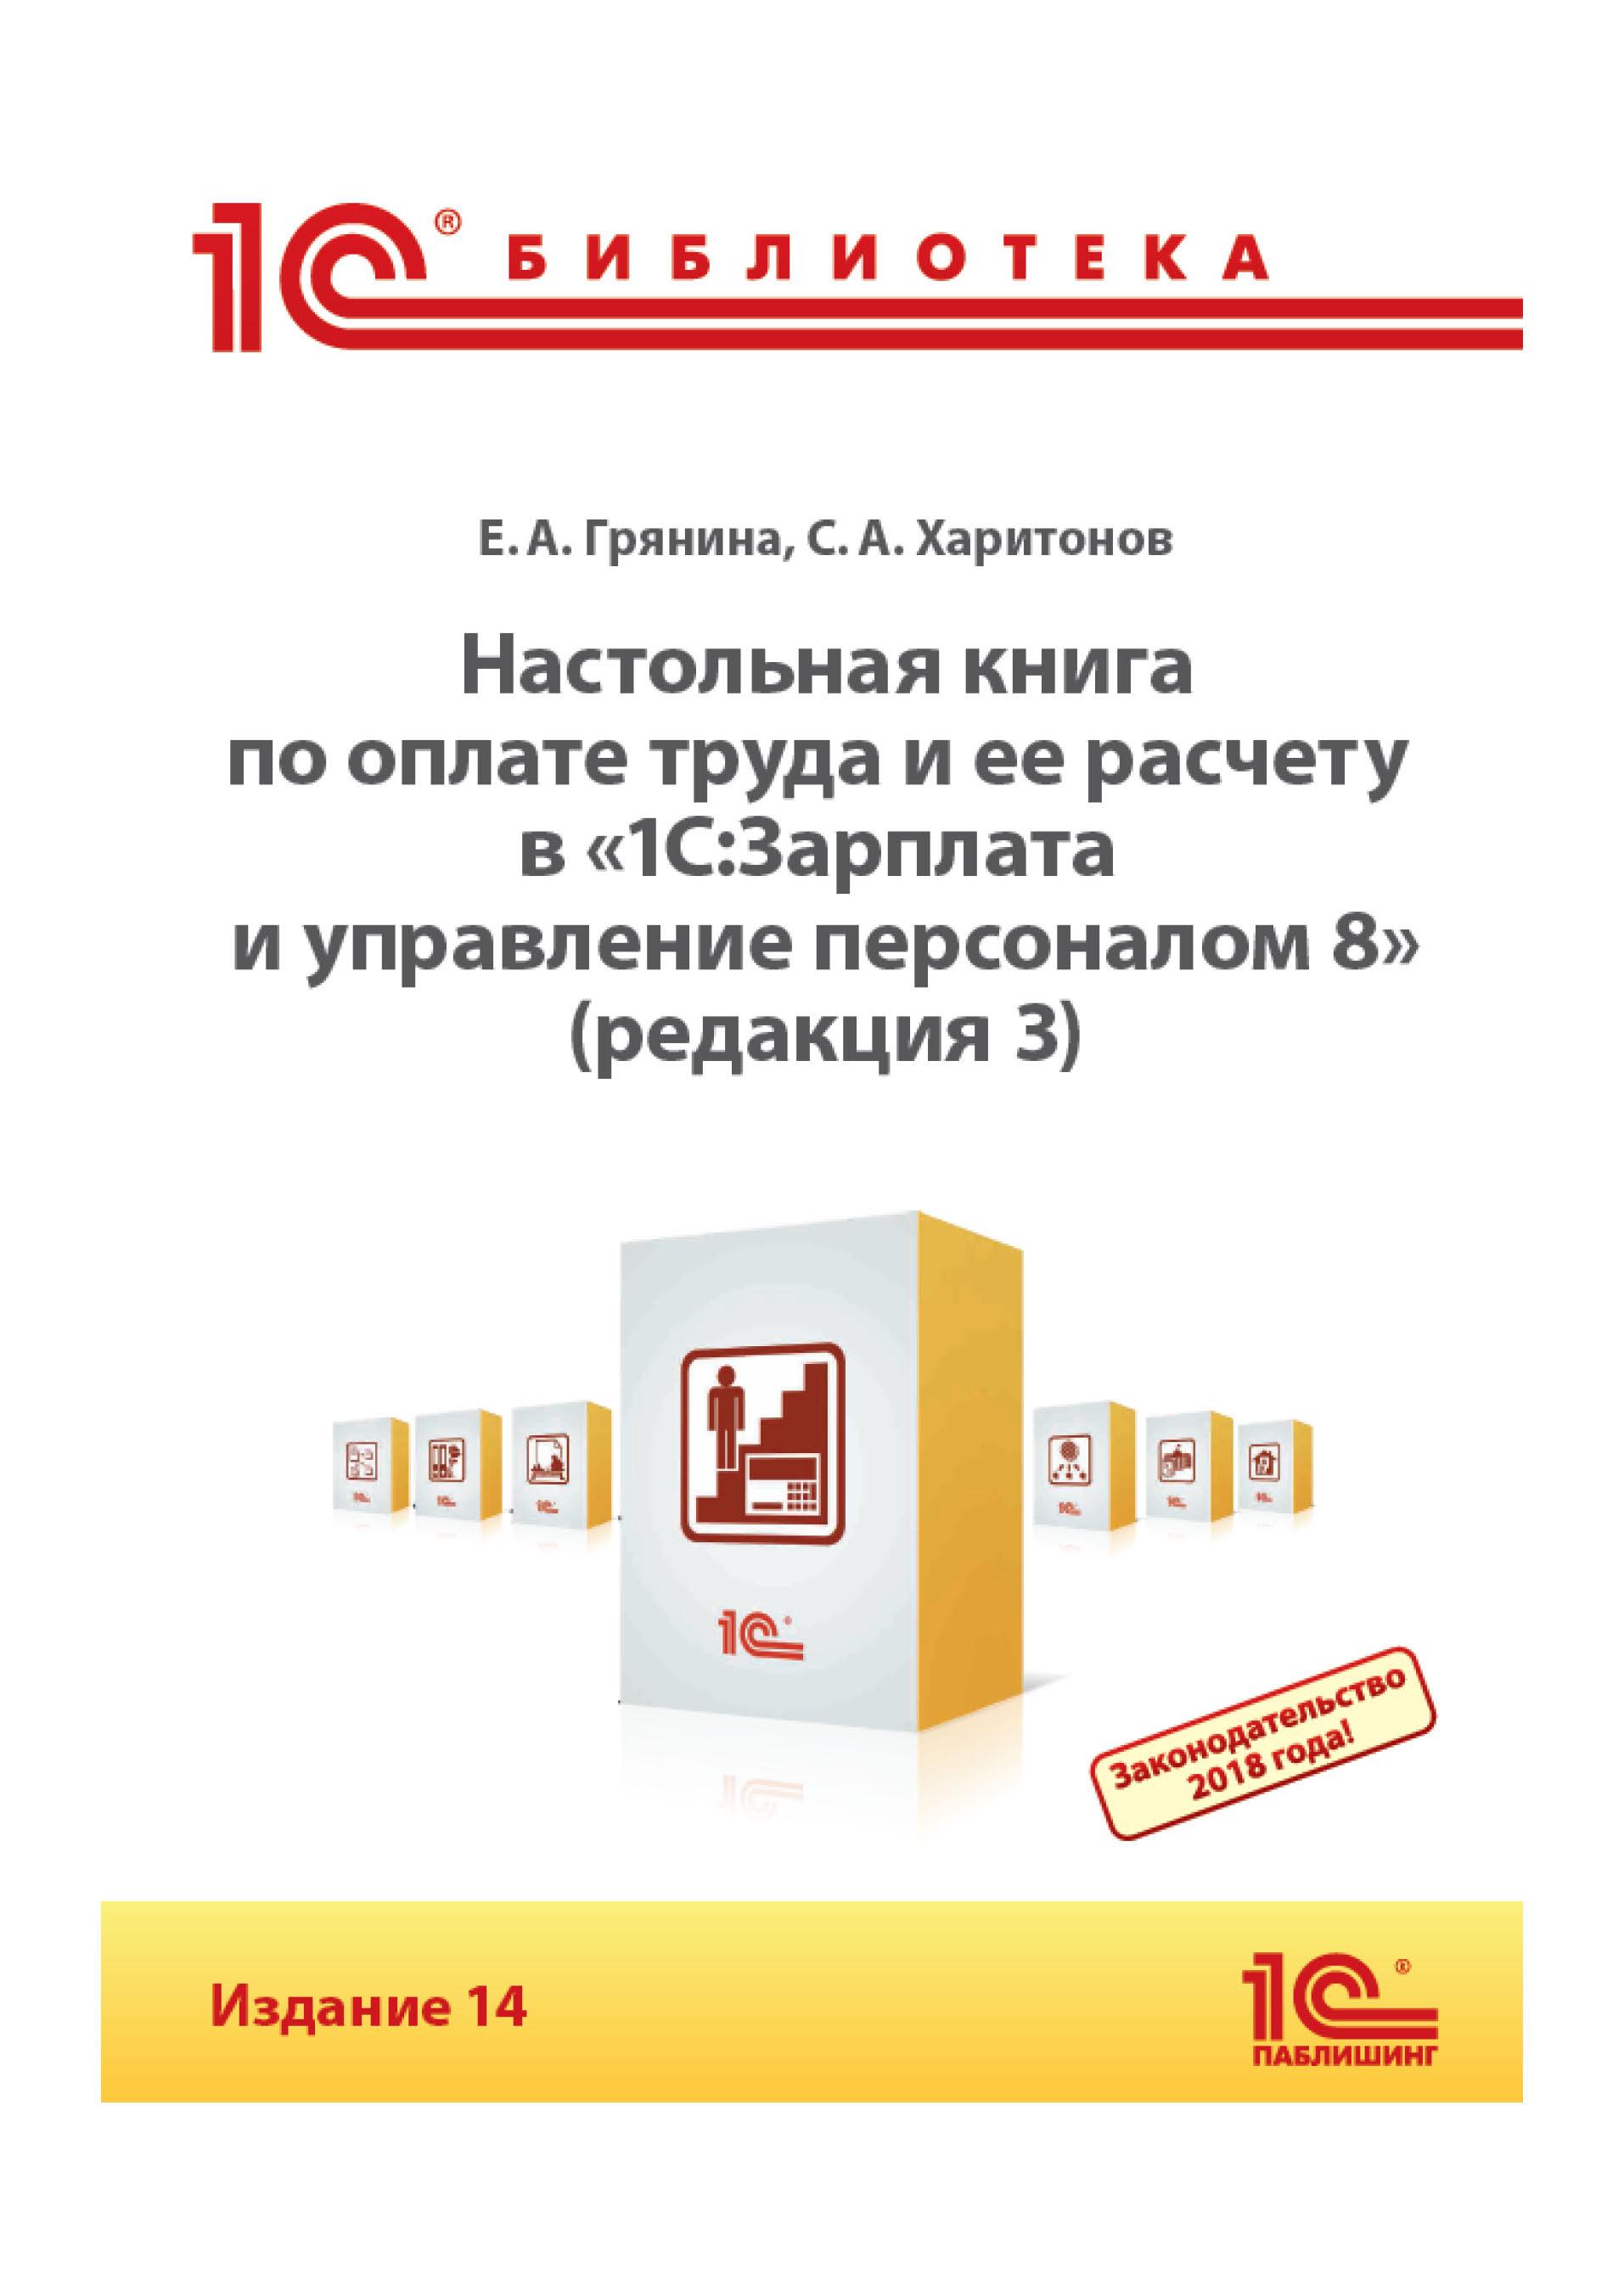 С. А. Харитонов Настольная книга по оплате труда и ее расчету в «1С:Зарплата и управление персоналом 8» (редакция 3) (+epub)